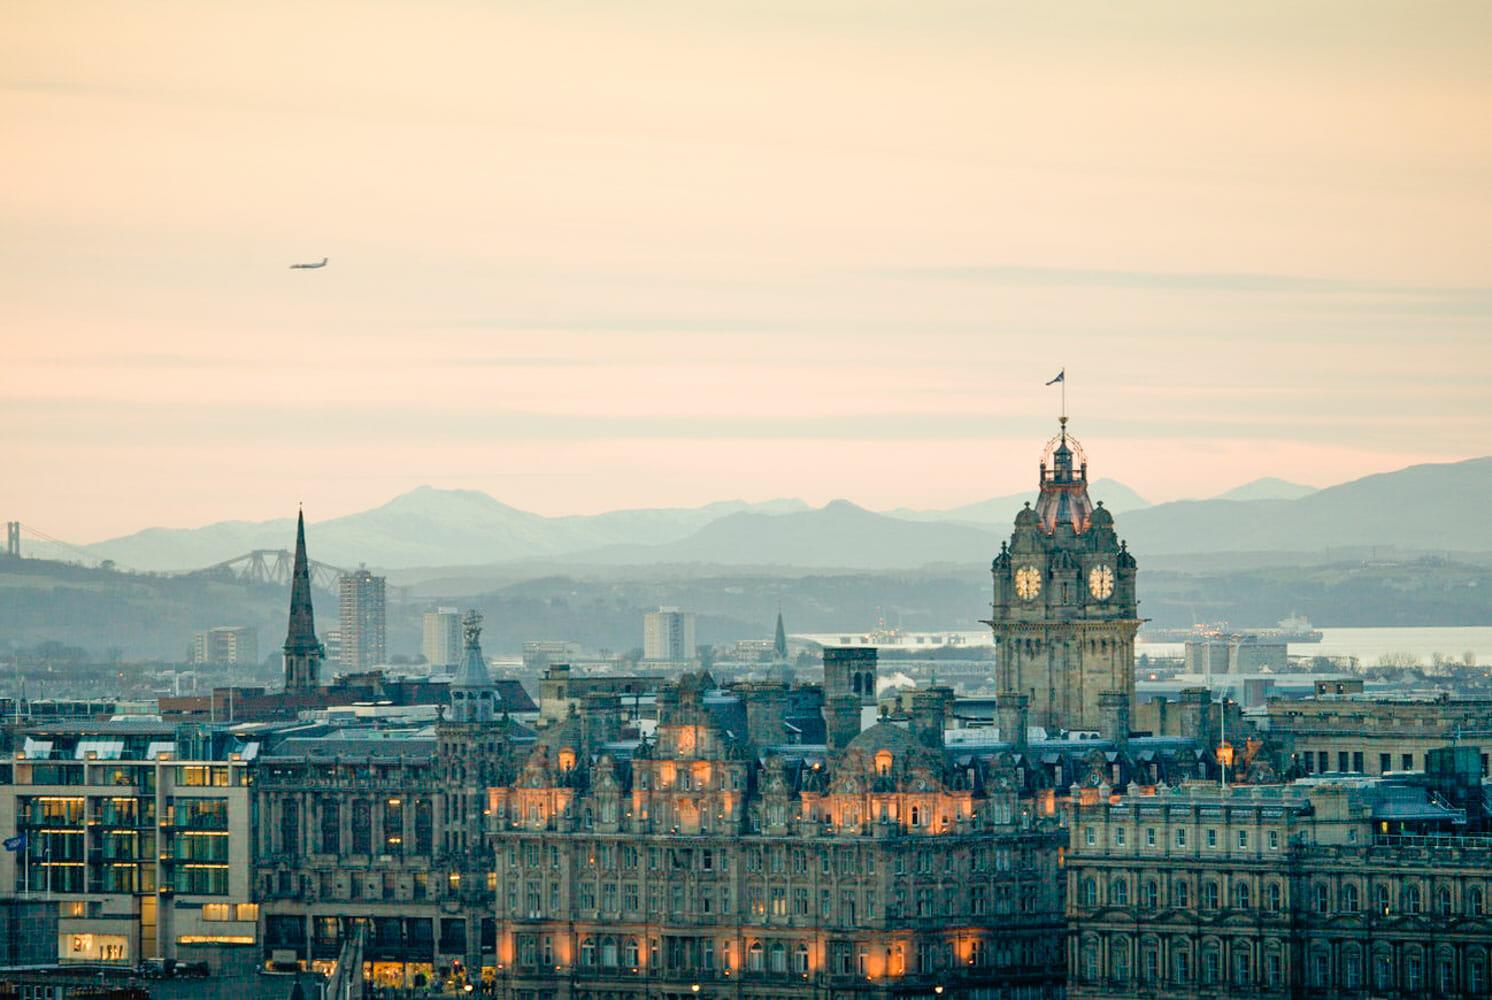 Cómo llegar a Edimburgo desde el aeropuerto - Airlink, tranvía y traslados privados